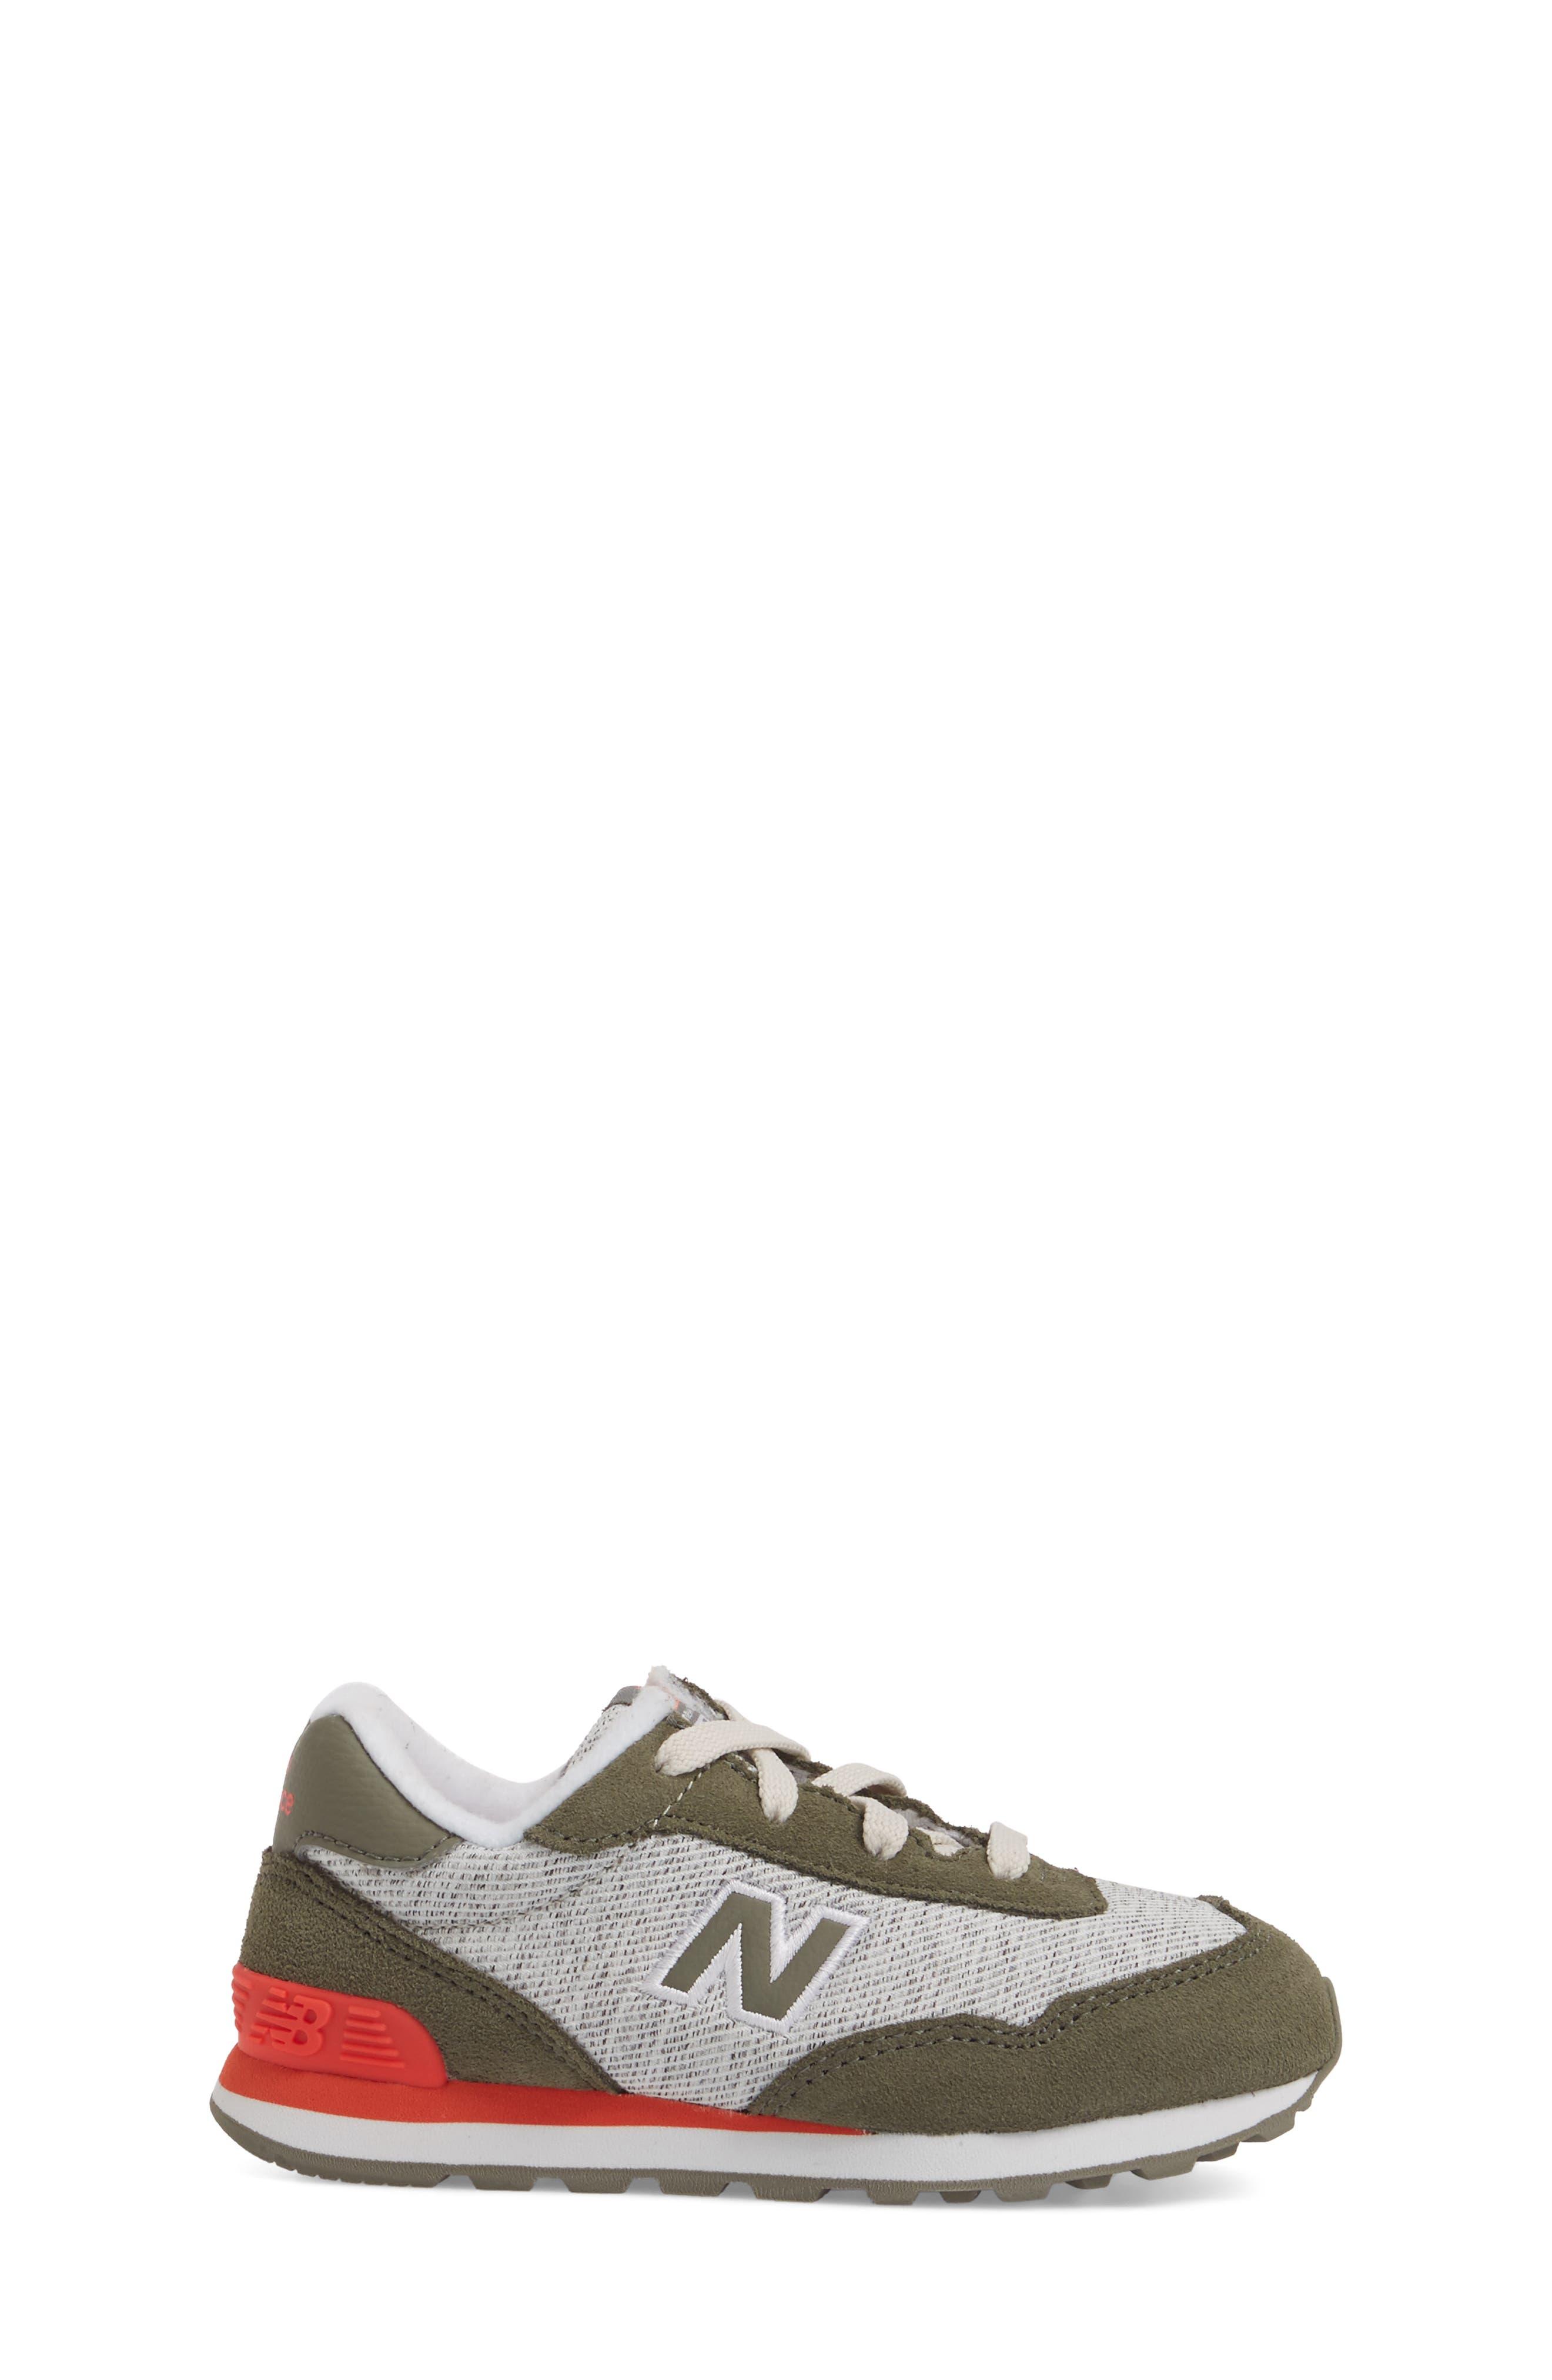 515 Sneaker,                             Alternate thumbnail 3, color,                             305